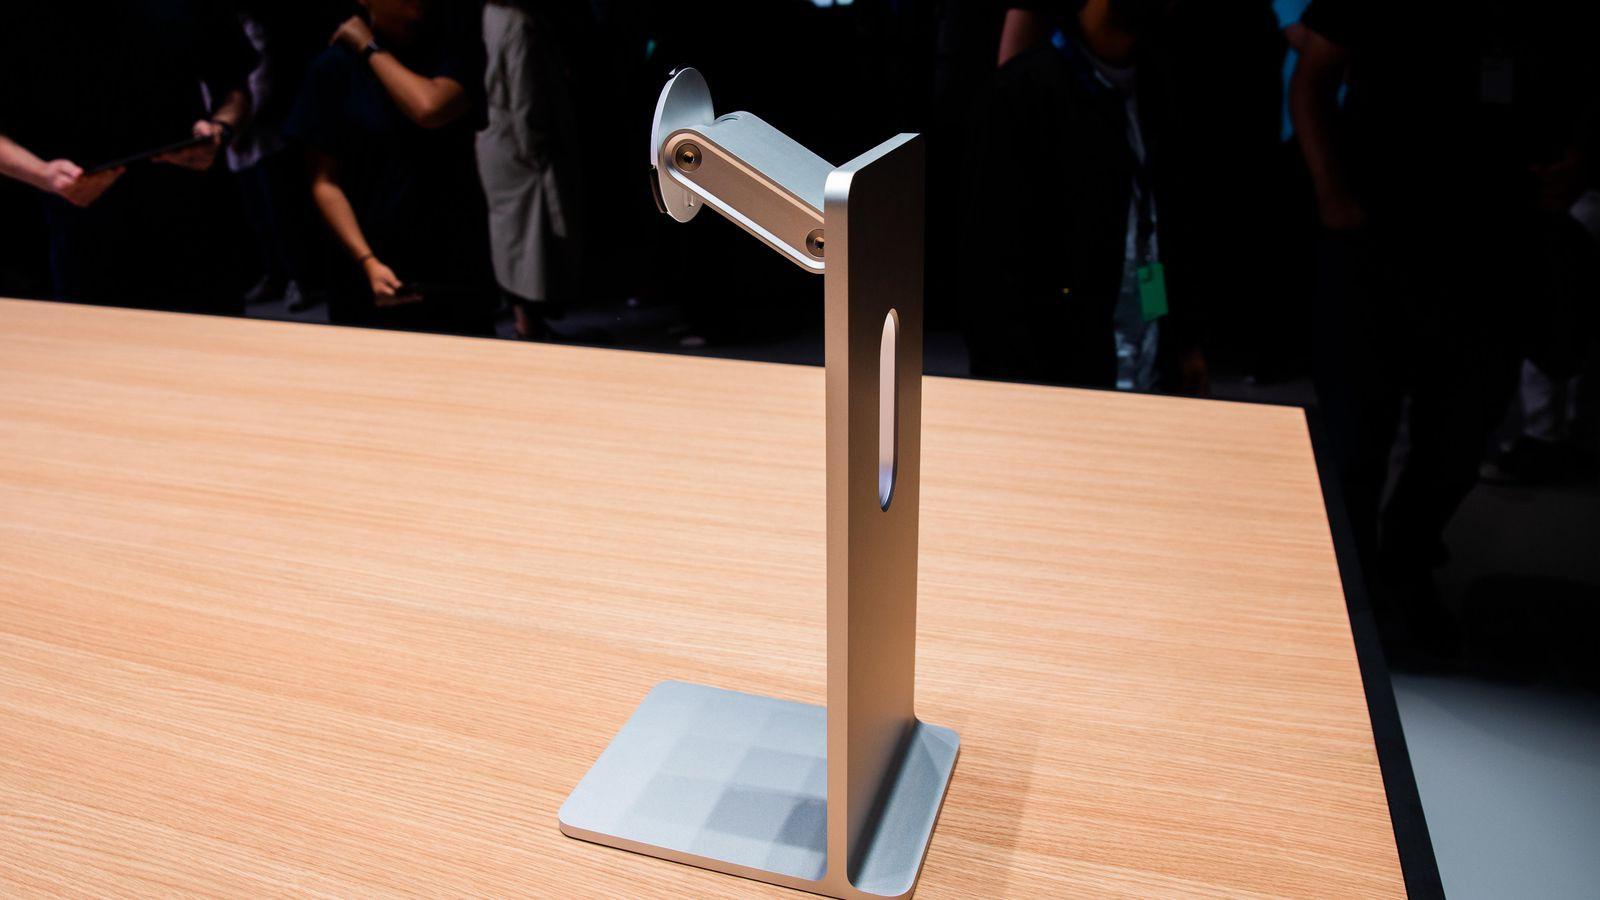 Nghe Apple hét giá cục sắt 20 triệu, ông chú bình tĩnh gánh kèo cực hay bằng cái mắc áo huyền thoại - Ảnh 1.